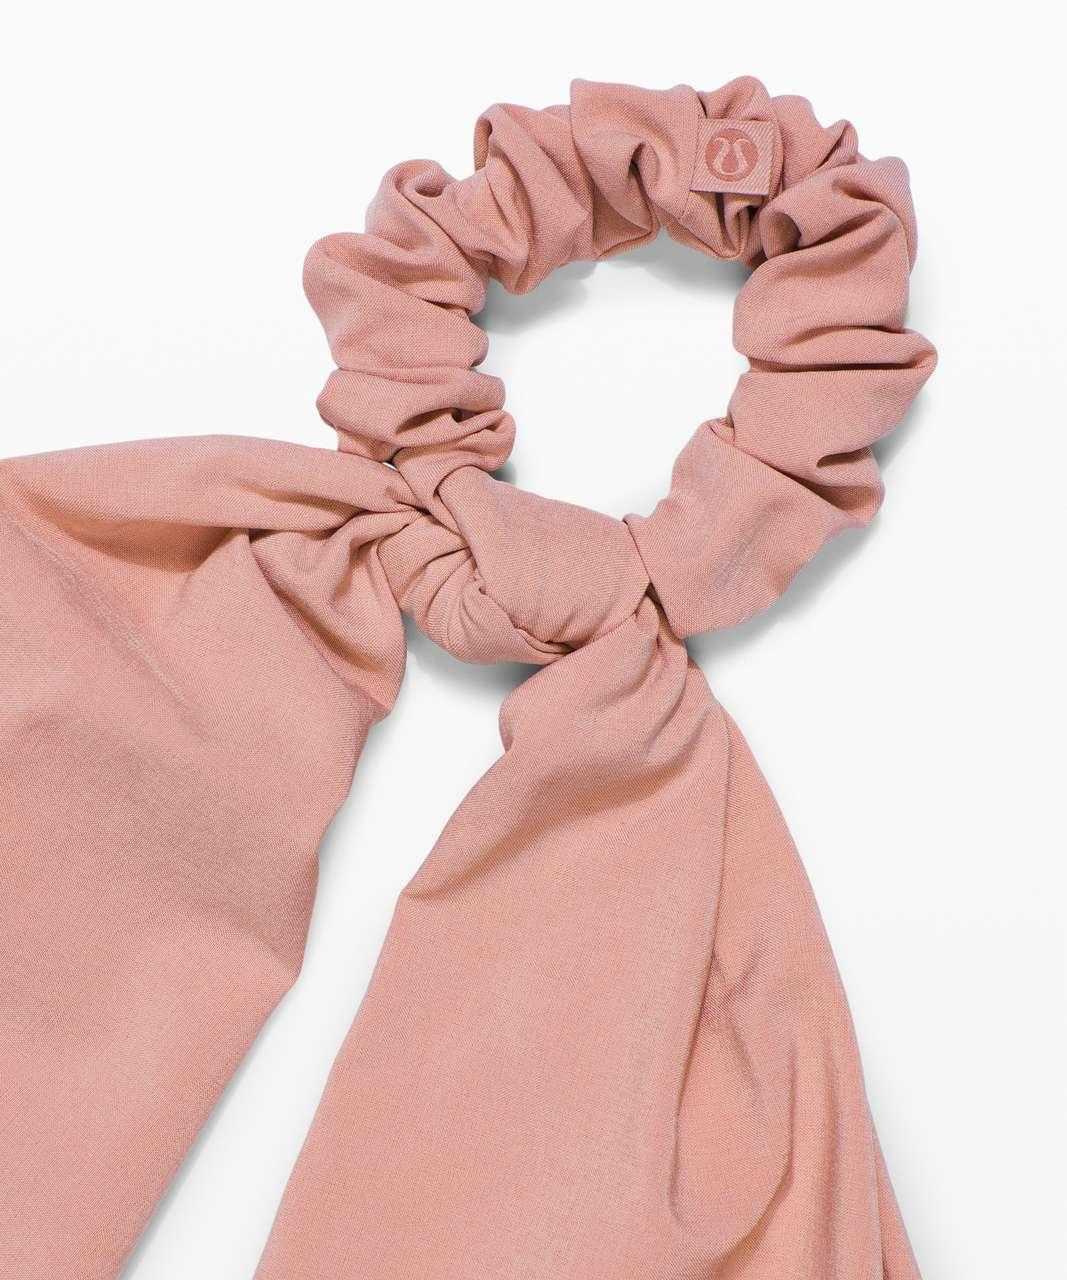 Lululemon Uplifting Scrunchie *Flow - Pink Pastel